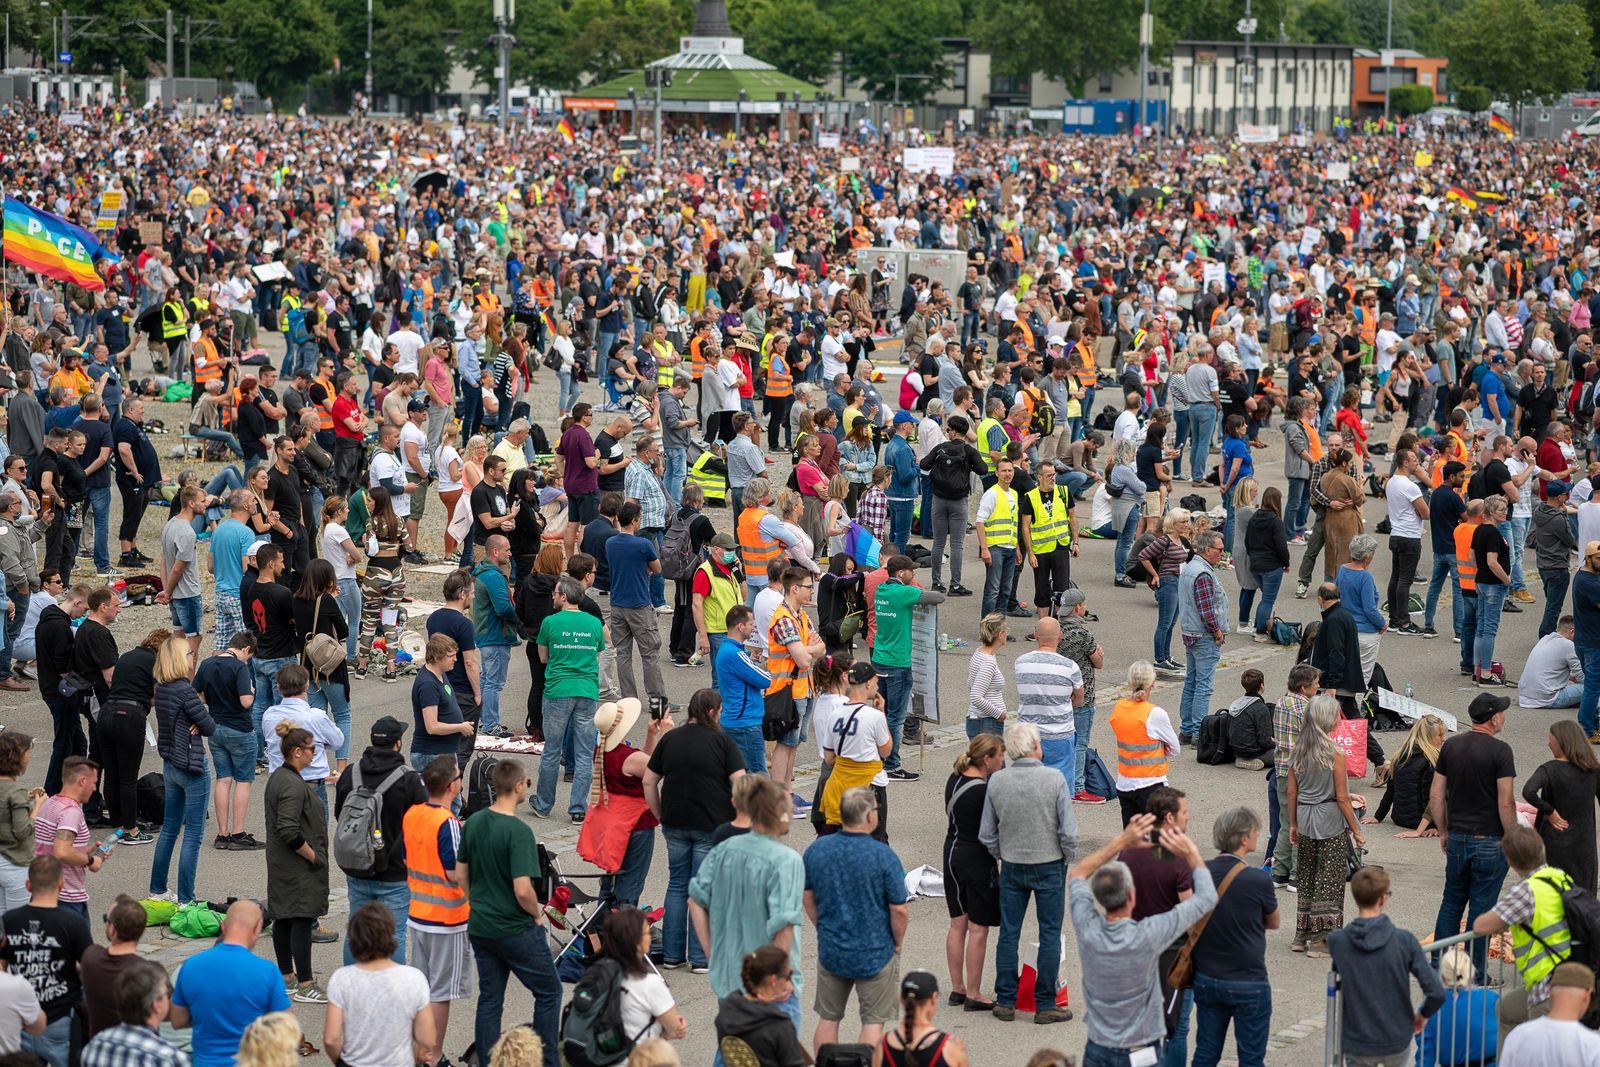 Querdenken, DEMO, Grundrechte DEMO, Corona-Demonstrationen, Corona-Virus, Grundrechte, 09.05.2020